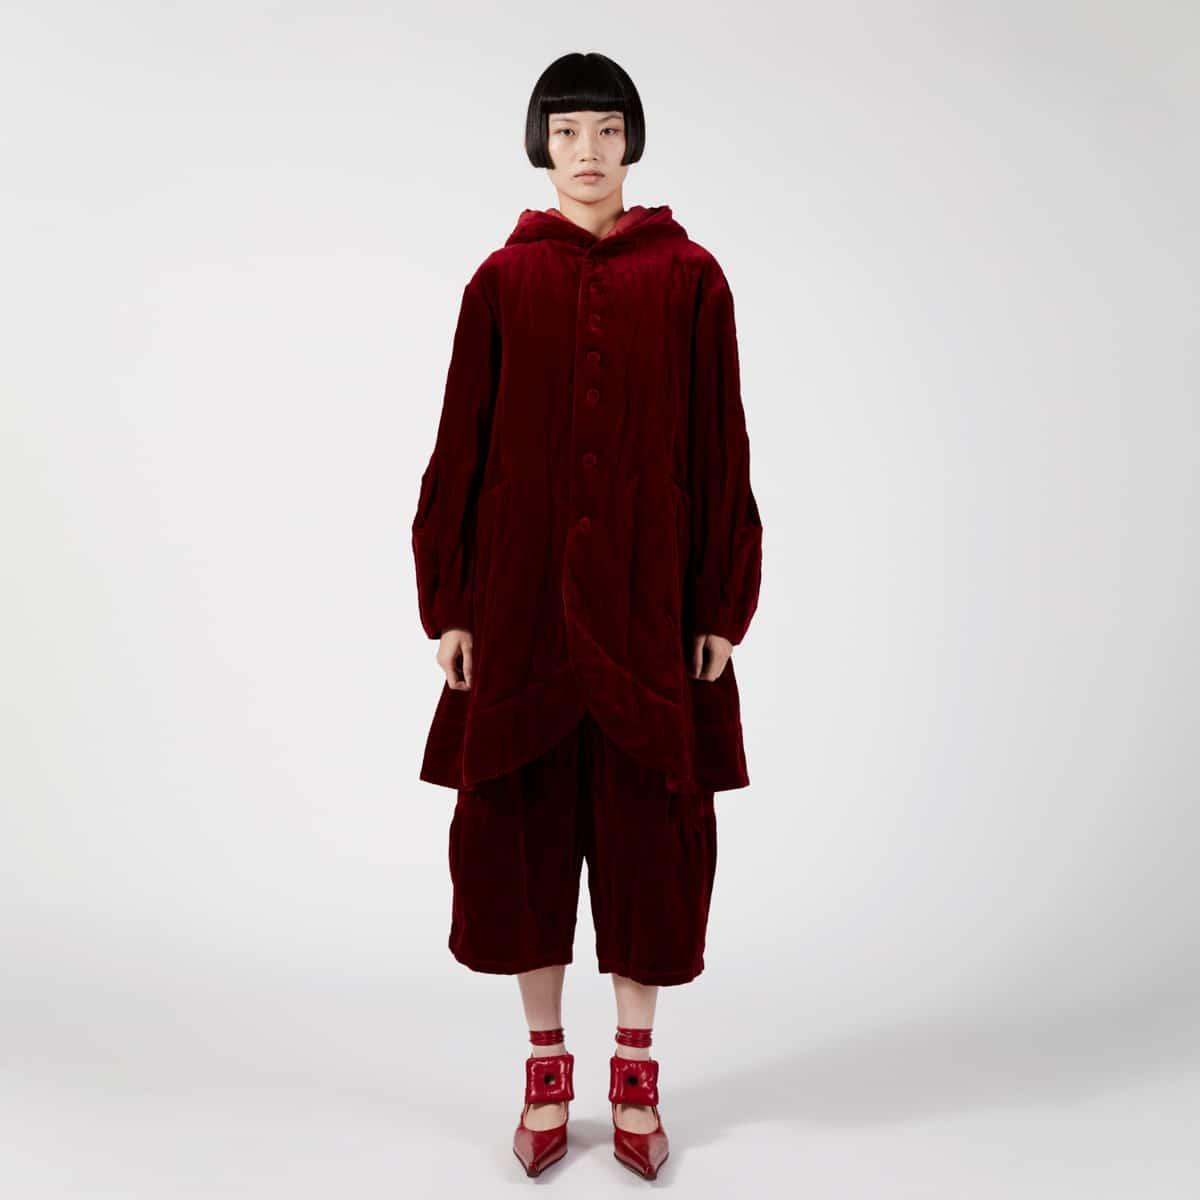 Renli Su Hooded Coat